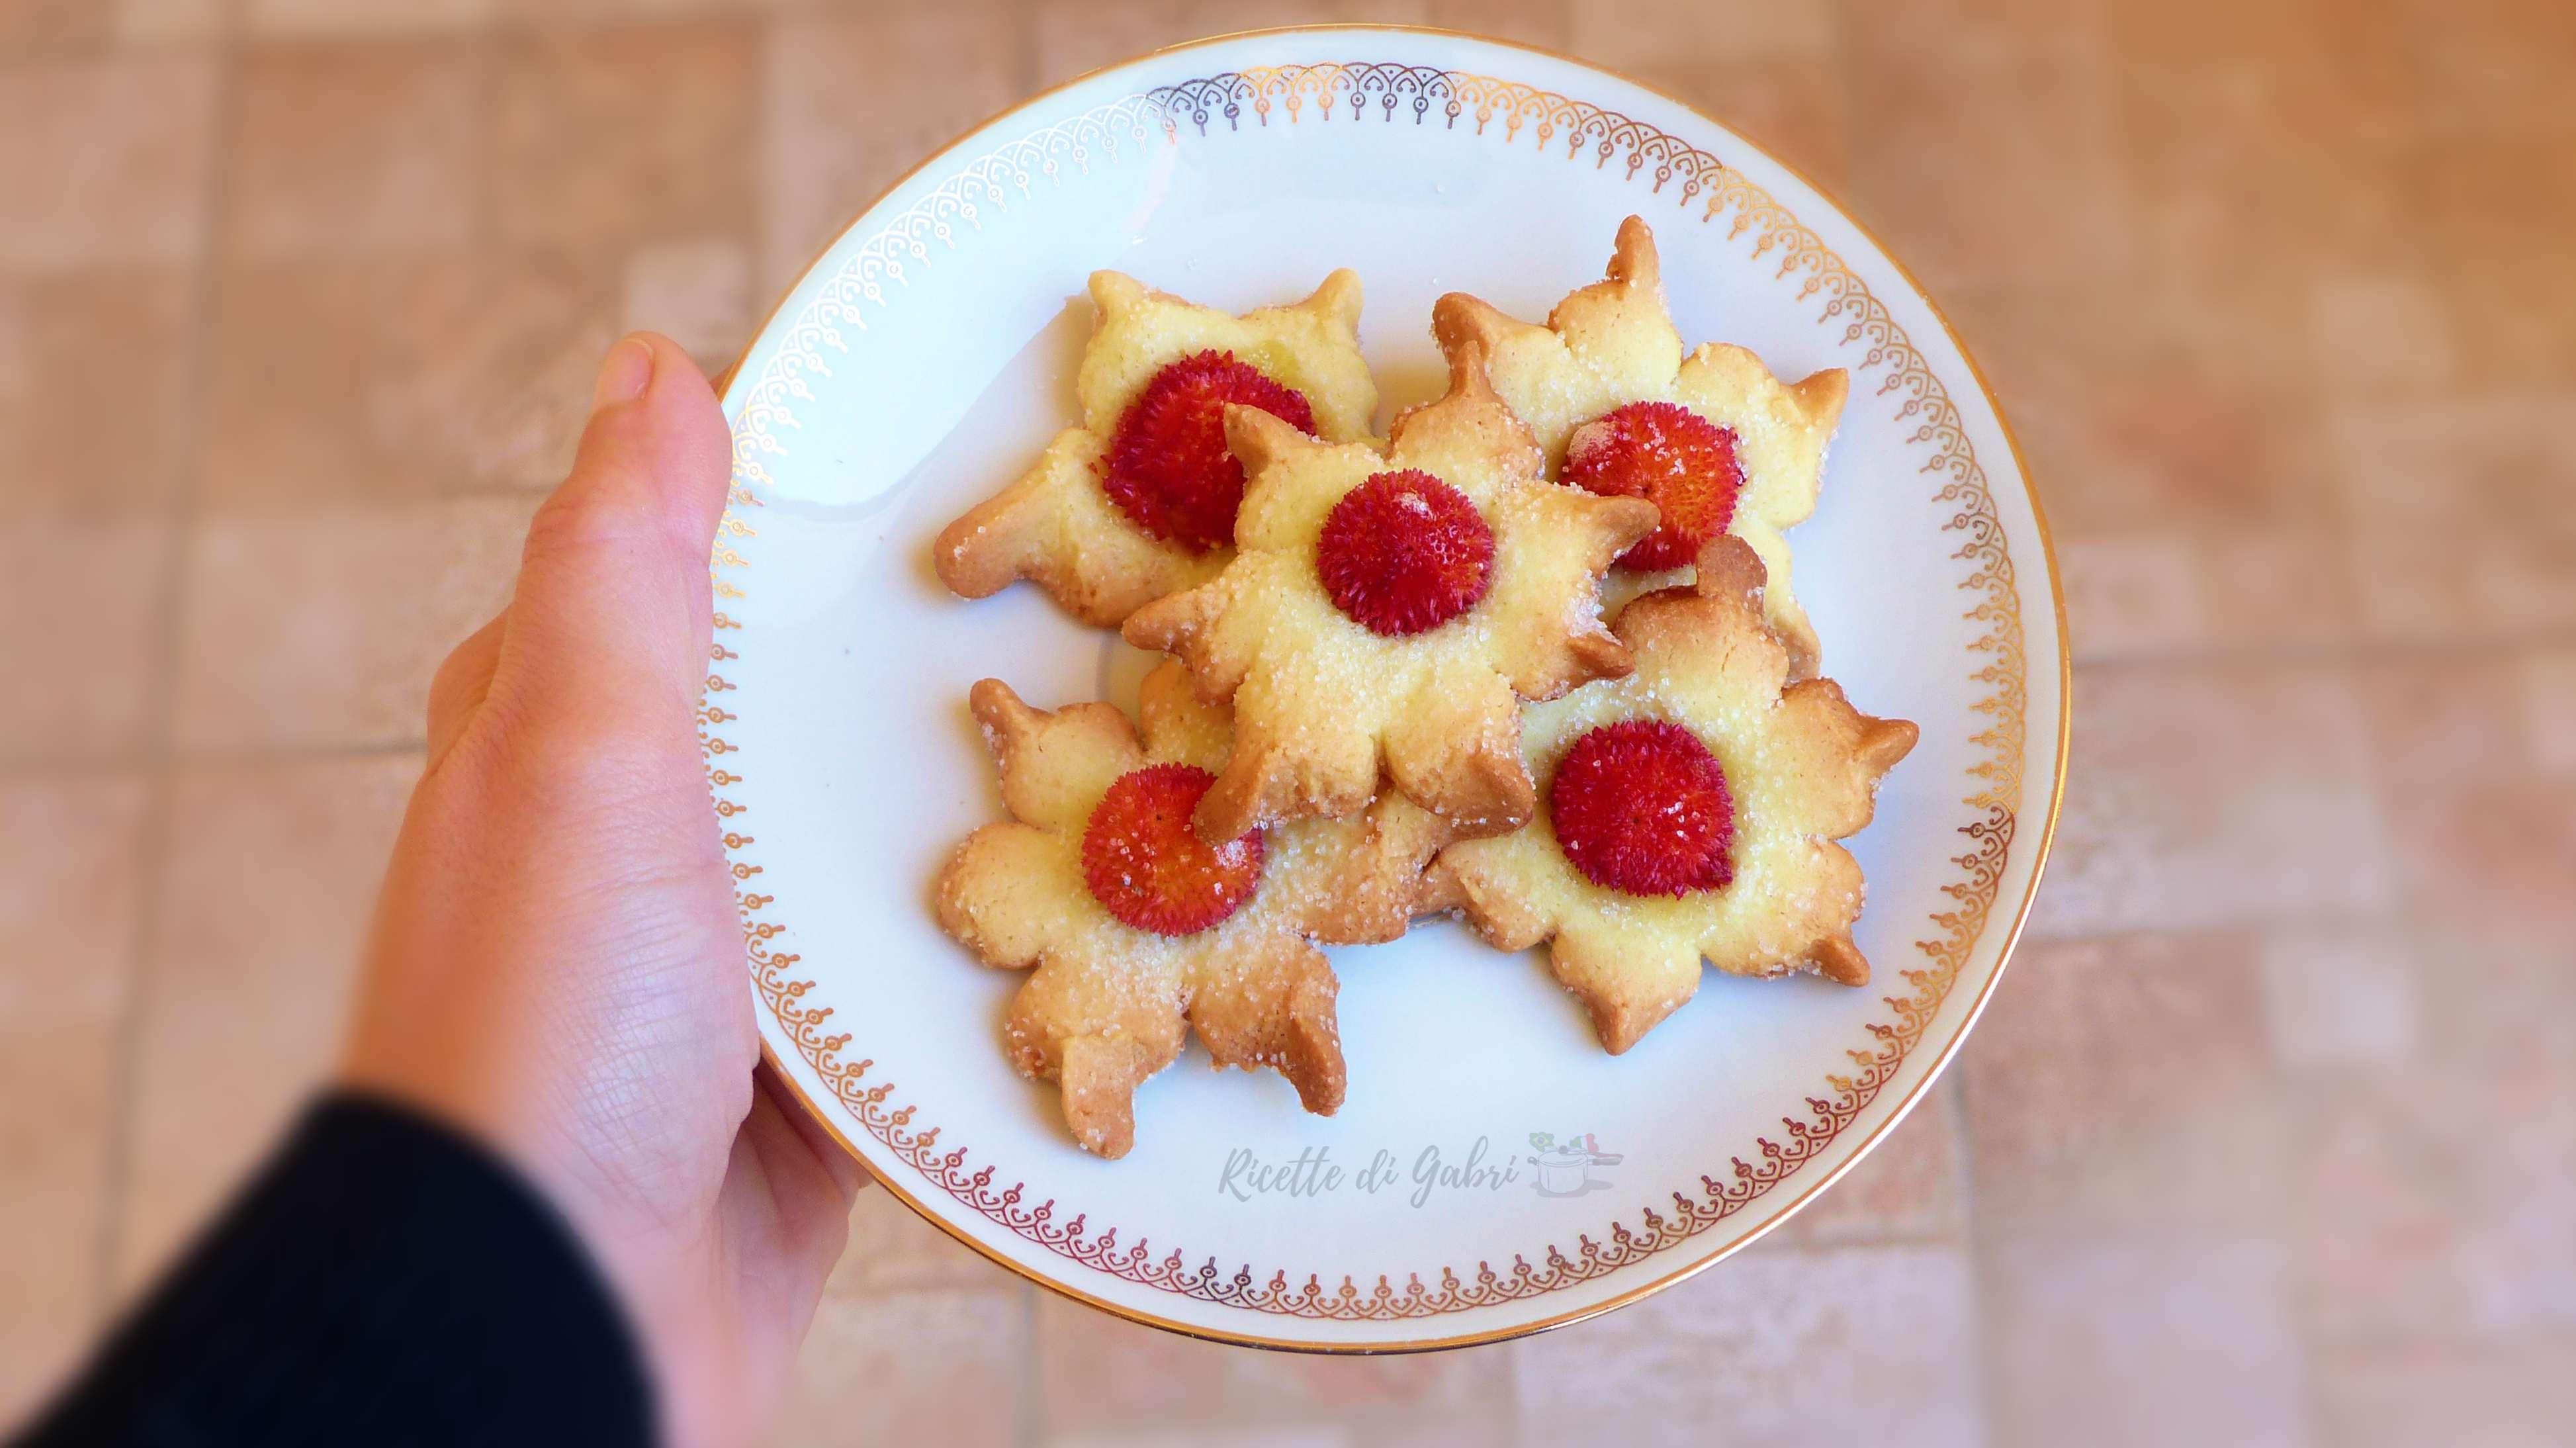 biscotti con corbezzoli freschi ricetta facile con pasta frolla al cucchiaio veloce pasticcini da te